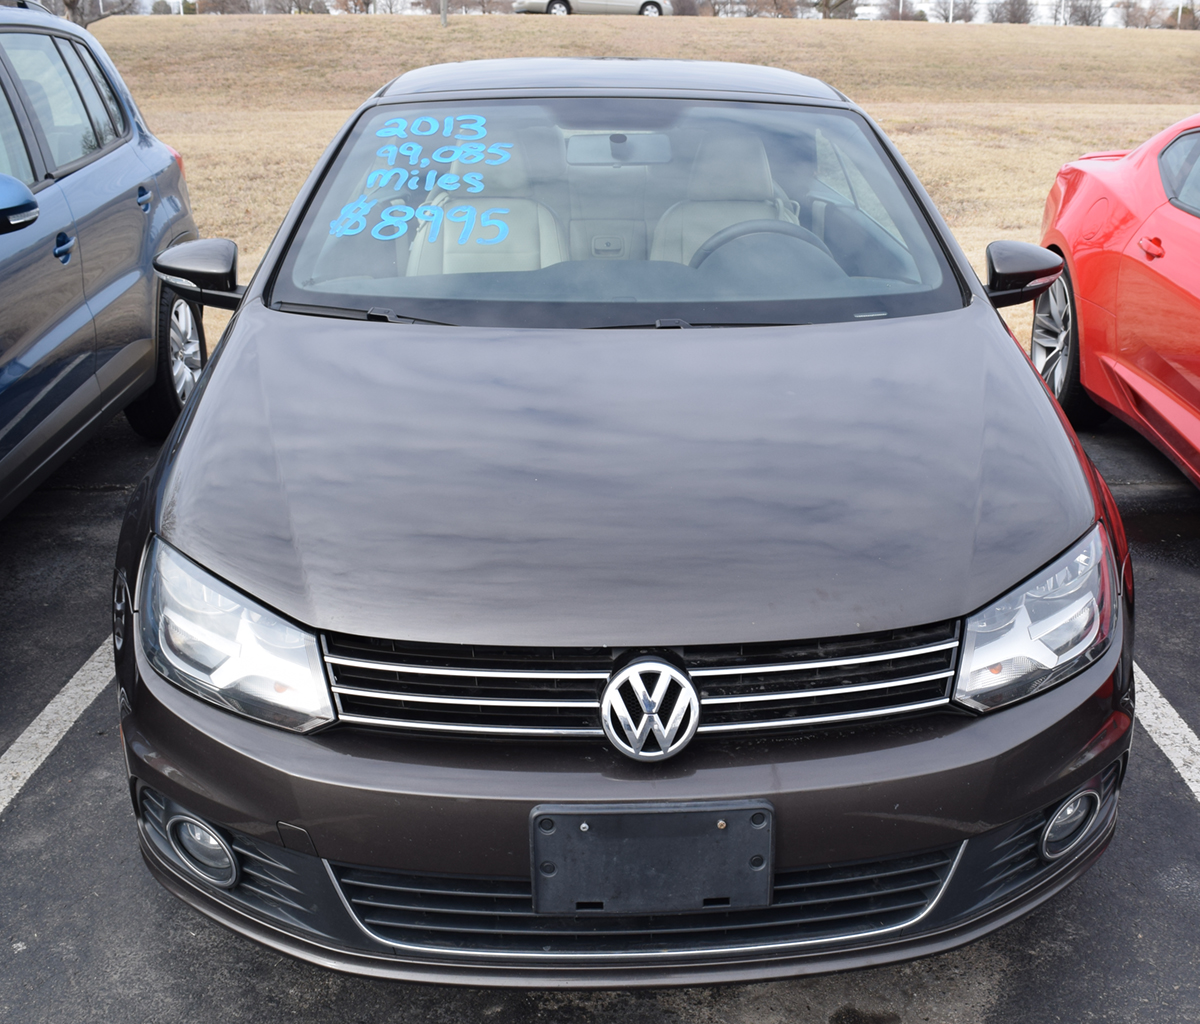 13 VW EOS